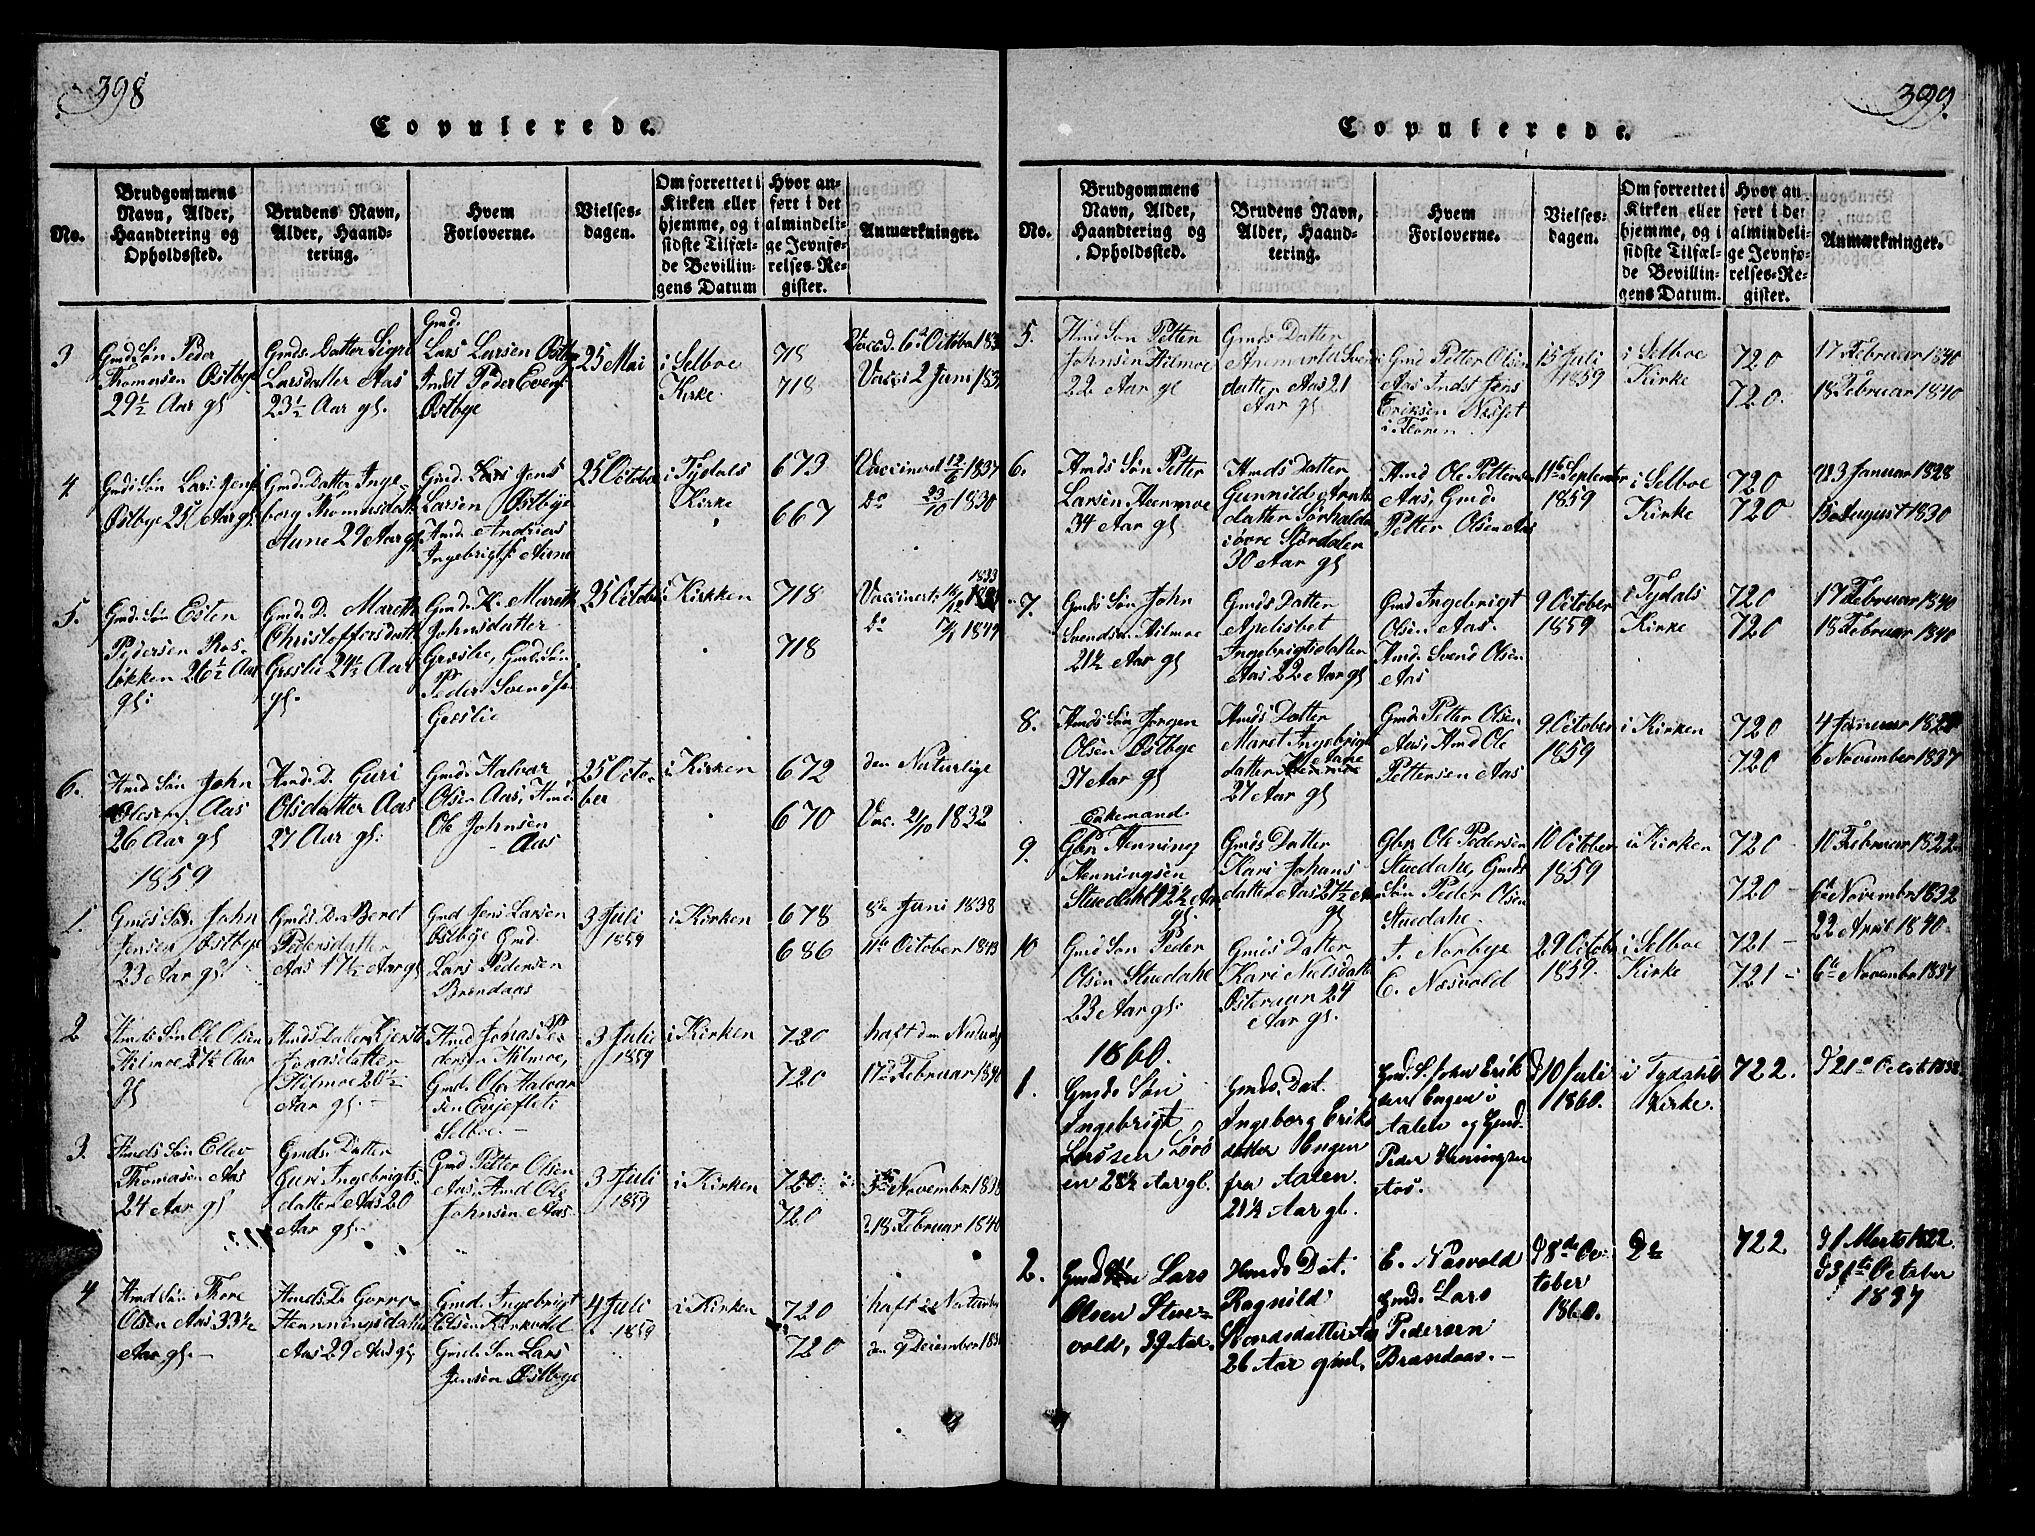 SAT, Ministerialprotokoller, klokkerbøker og fødselsregistre - Sør-Trøndelag, 698/L1164: Klokkerbok nr. 698C01, 1816-1861, s. 398-399